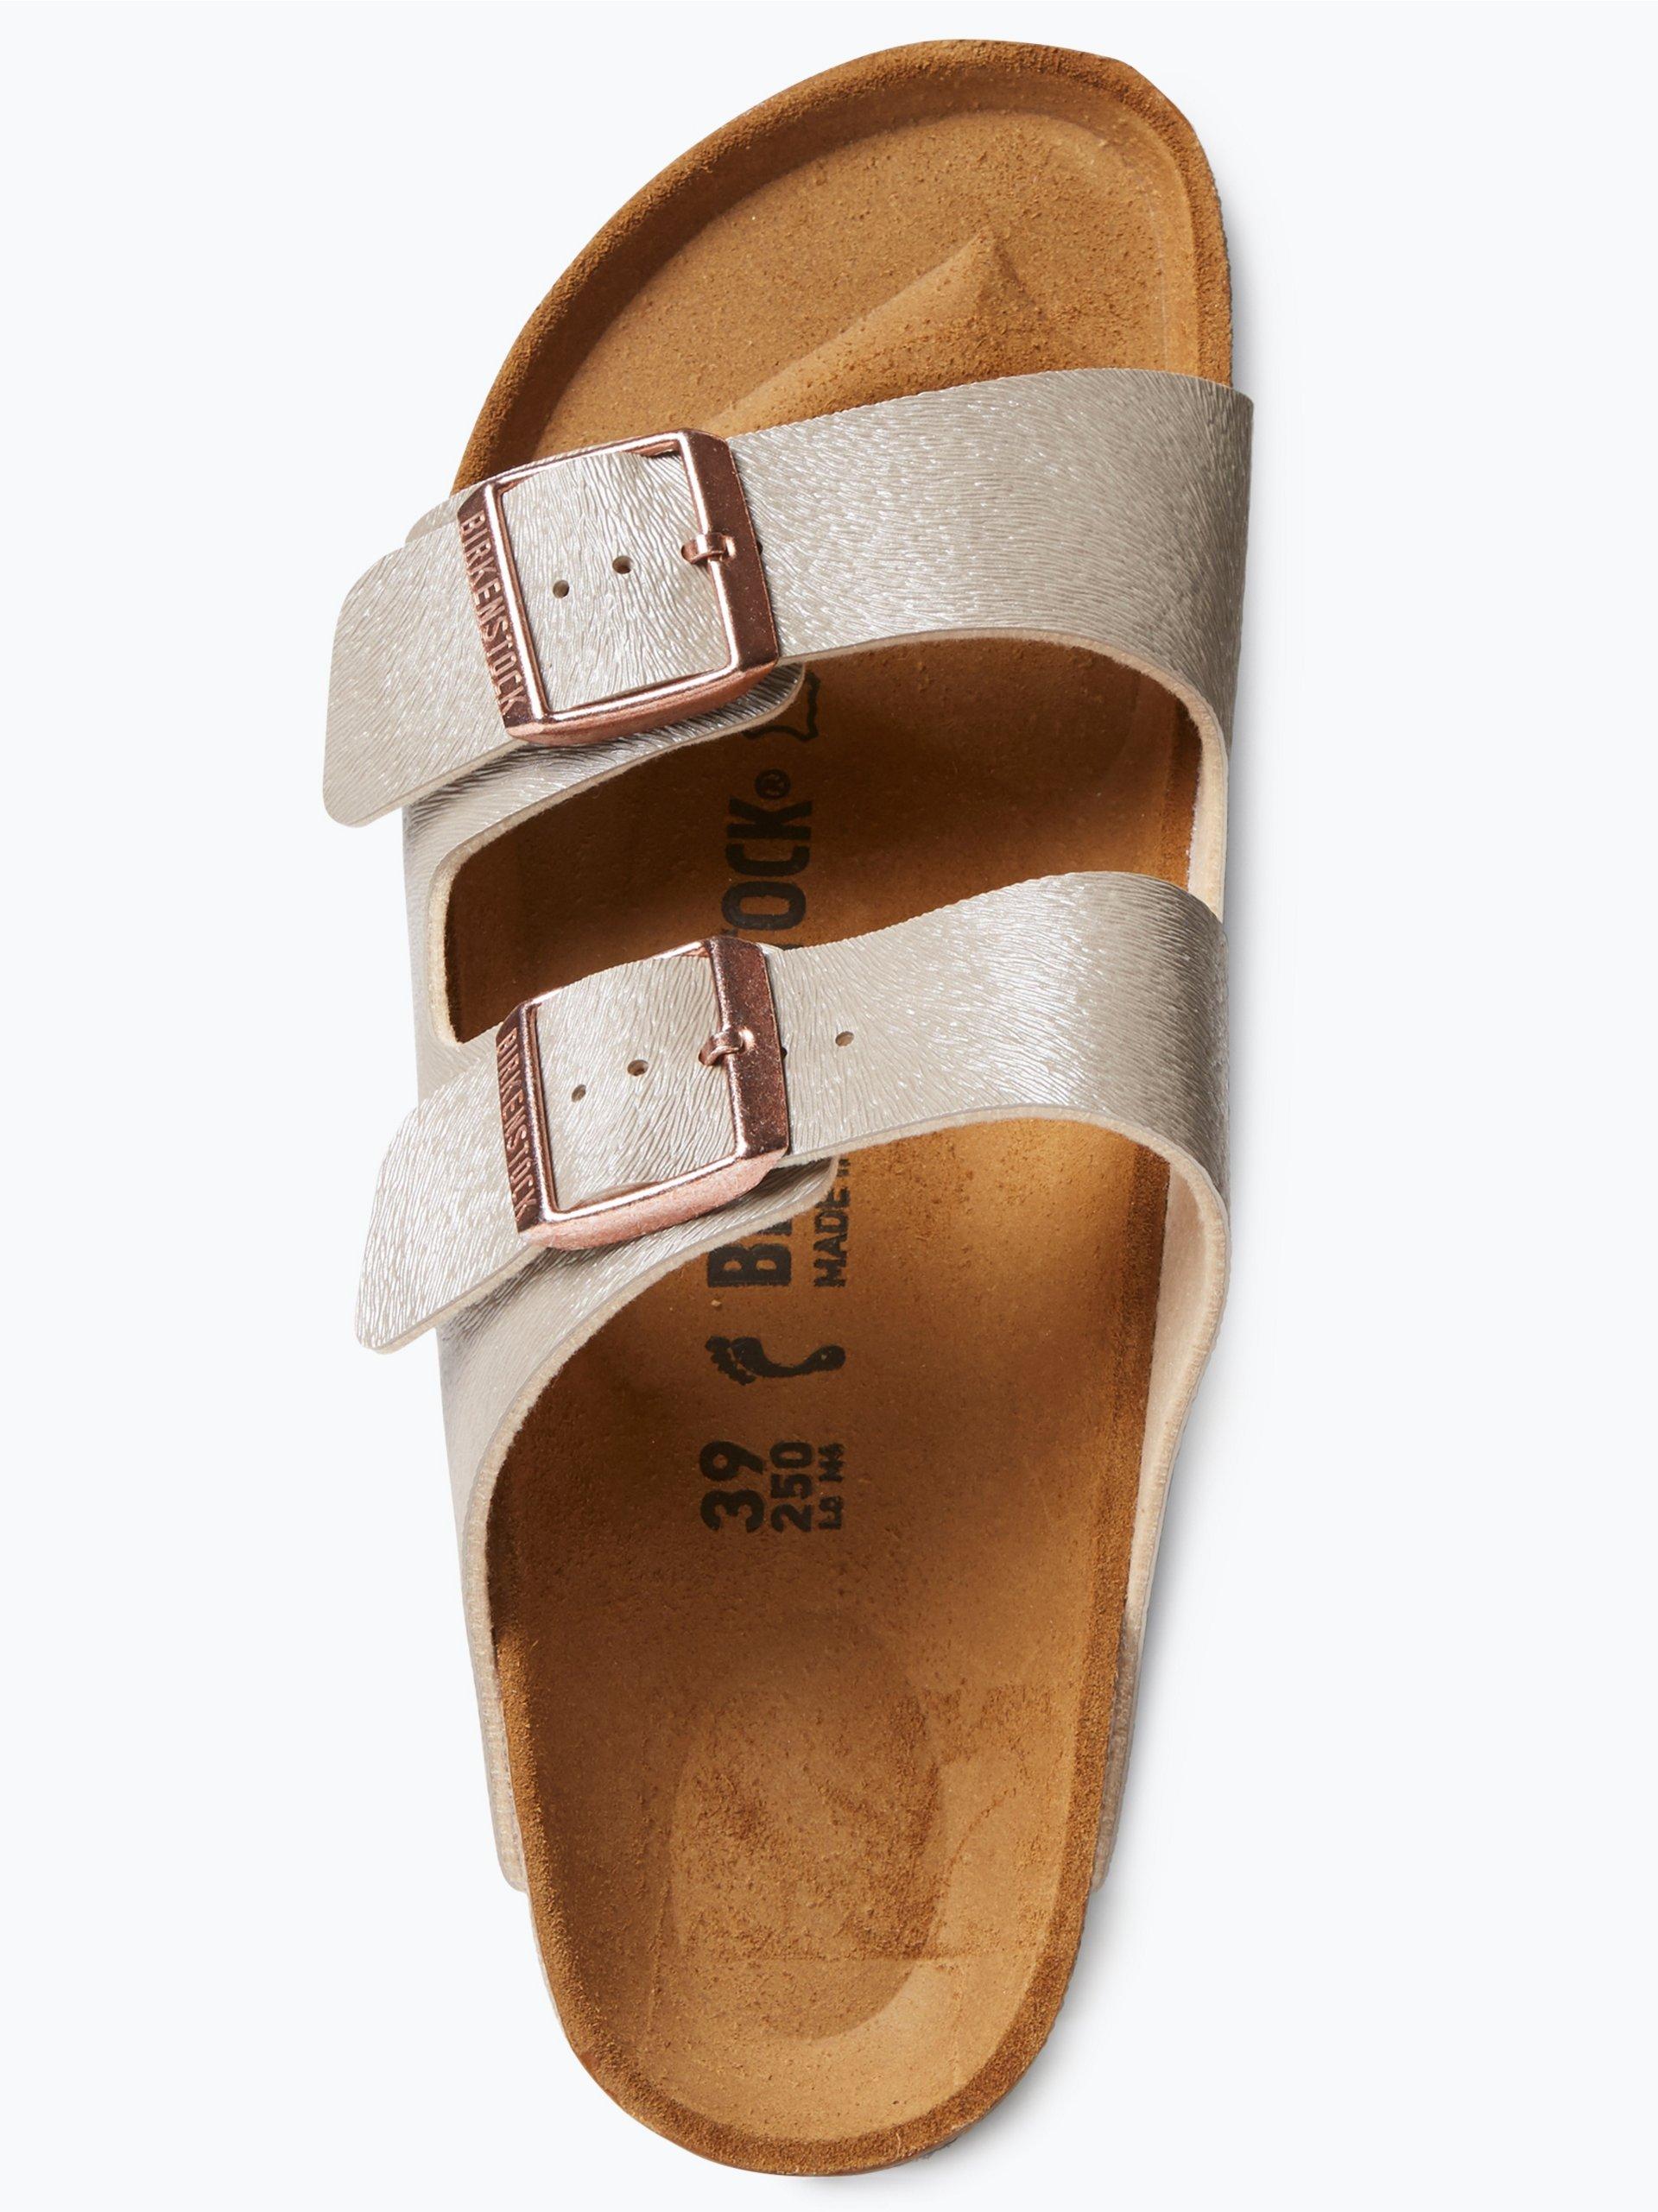 birkenstock damen sandalen in leder optik schlamm uni. Black Bedroom Furniture Sets. Home Design Ideas